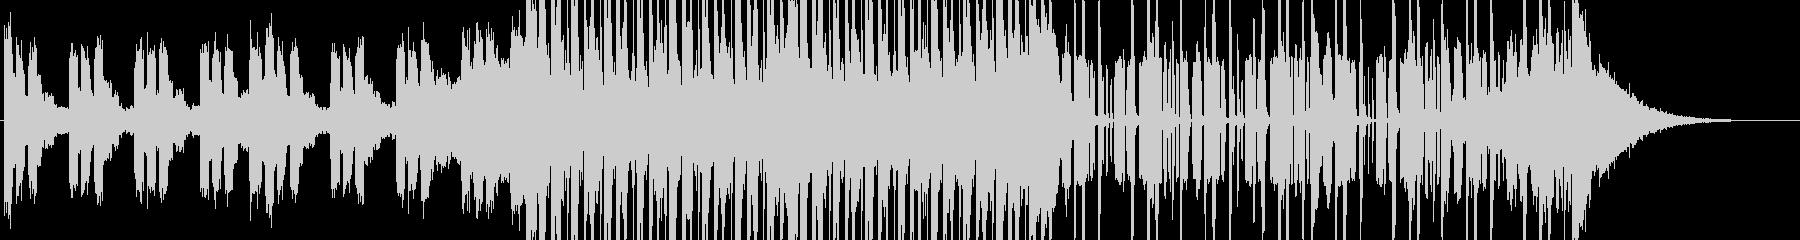 シンセ主体なエレクトロミュージックの未再生の波形